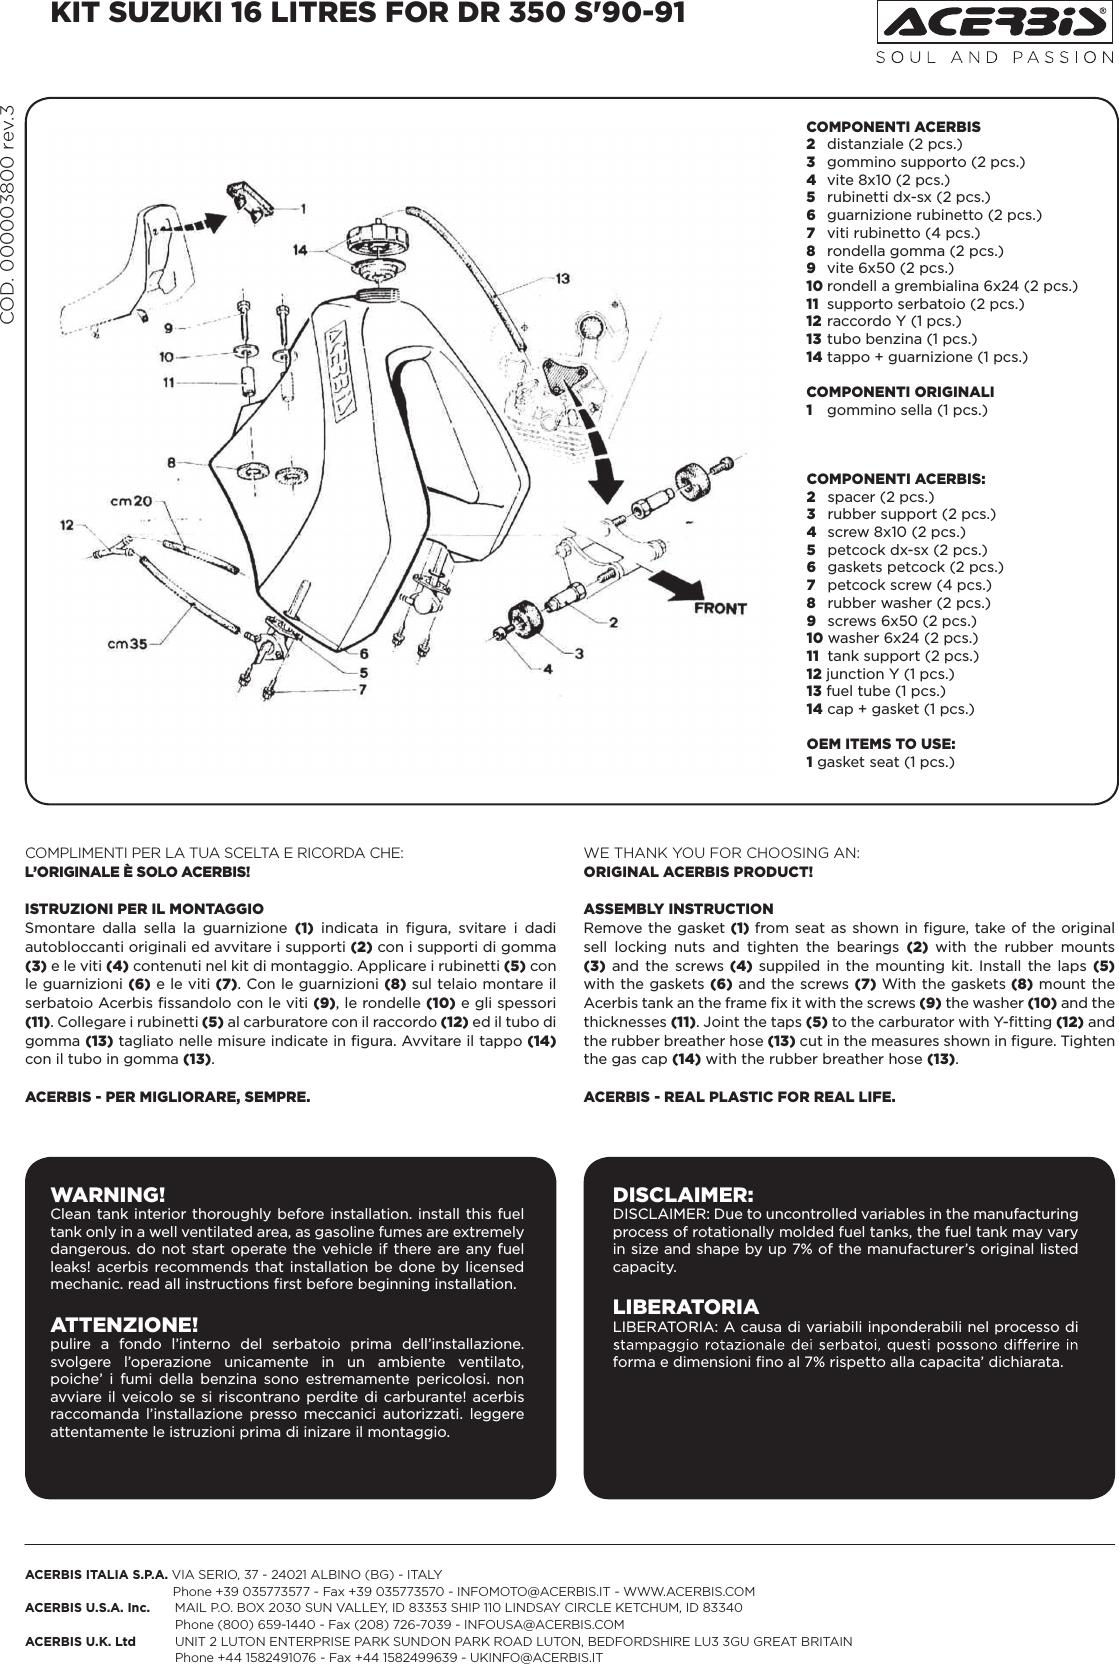 Acerbis 000003800 New Rev 3 User Manual